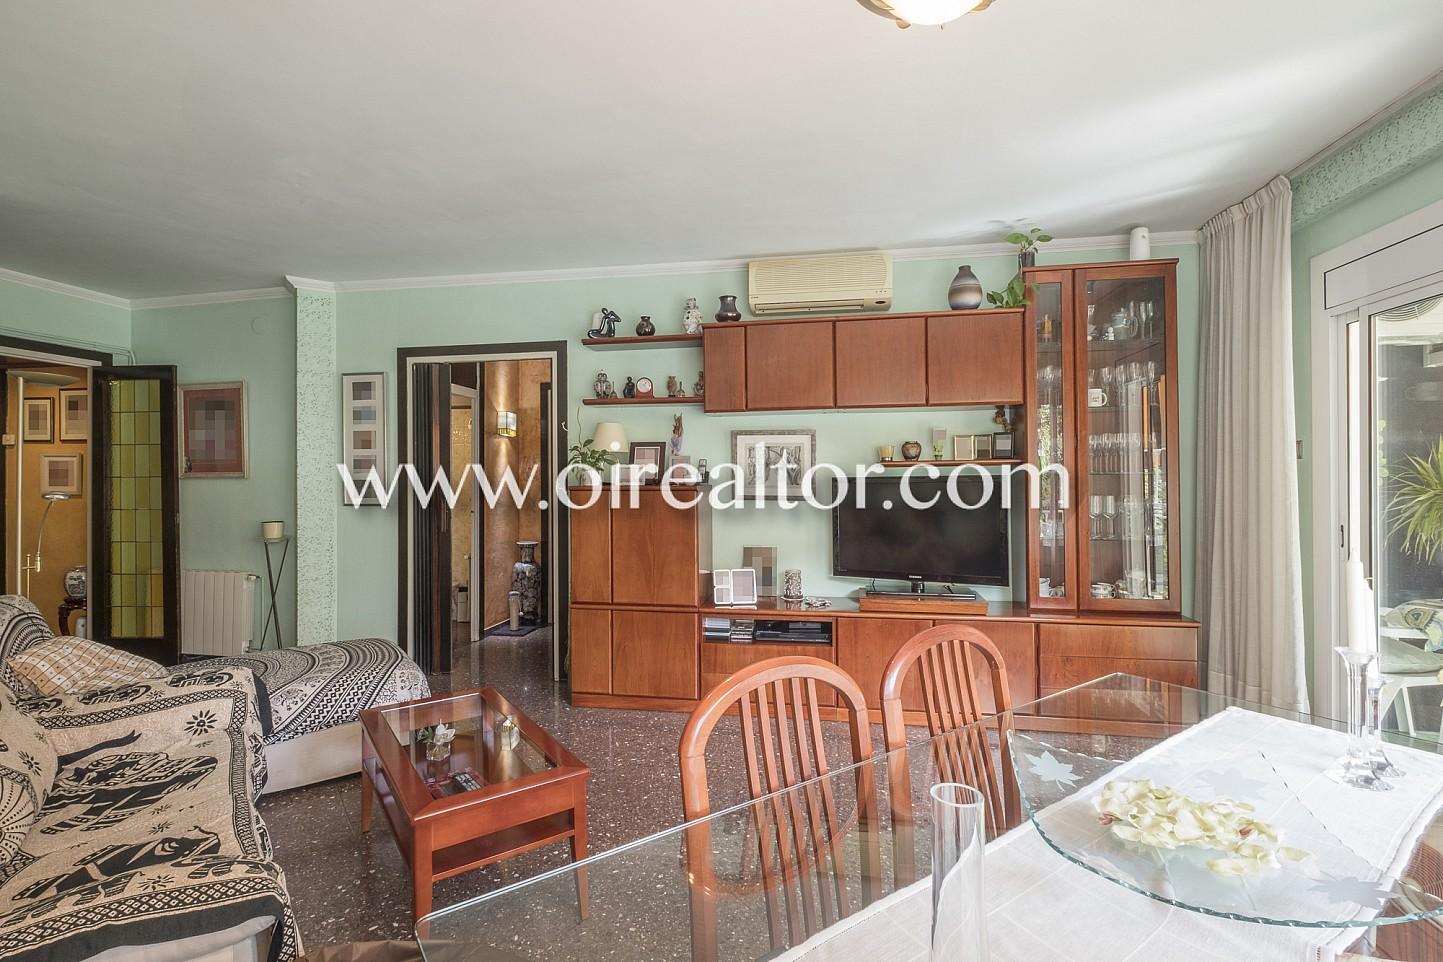 Amplio piso con balc n exterior en sagrada familia - Piso interior o exterior ...